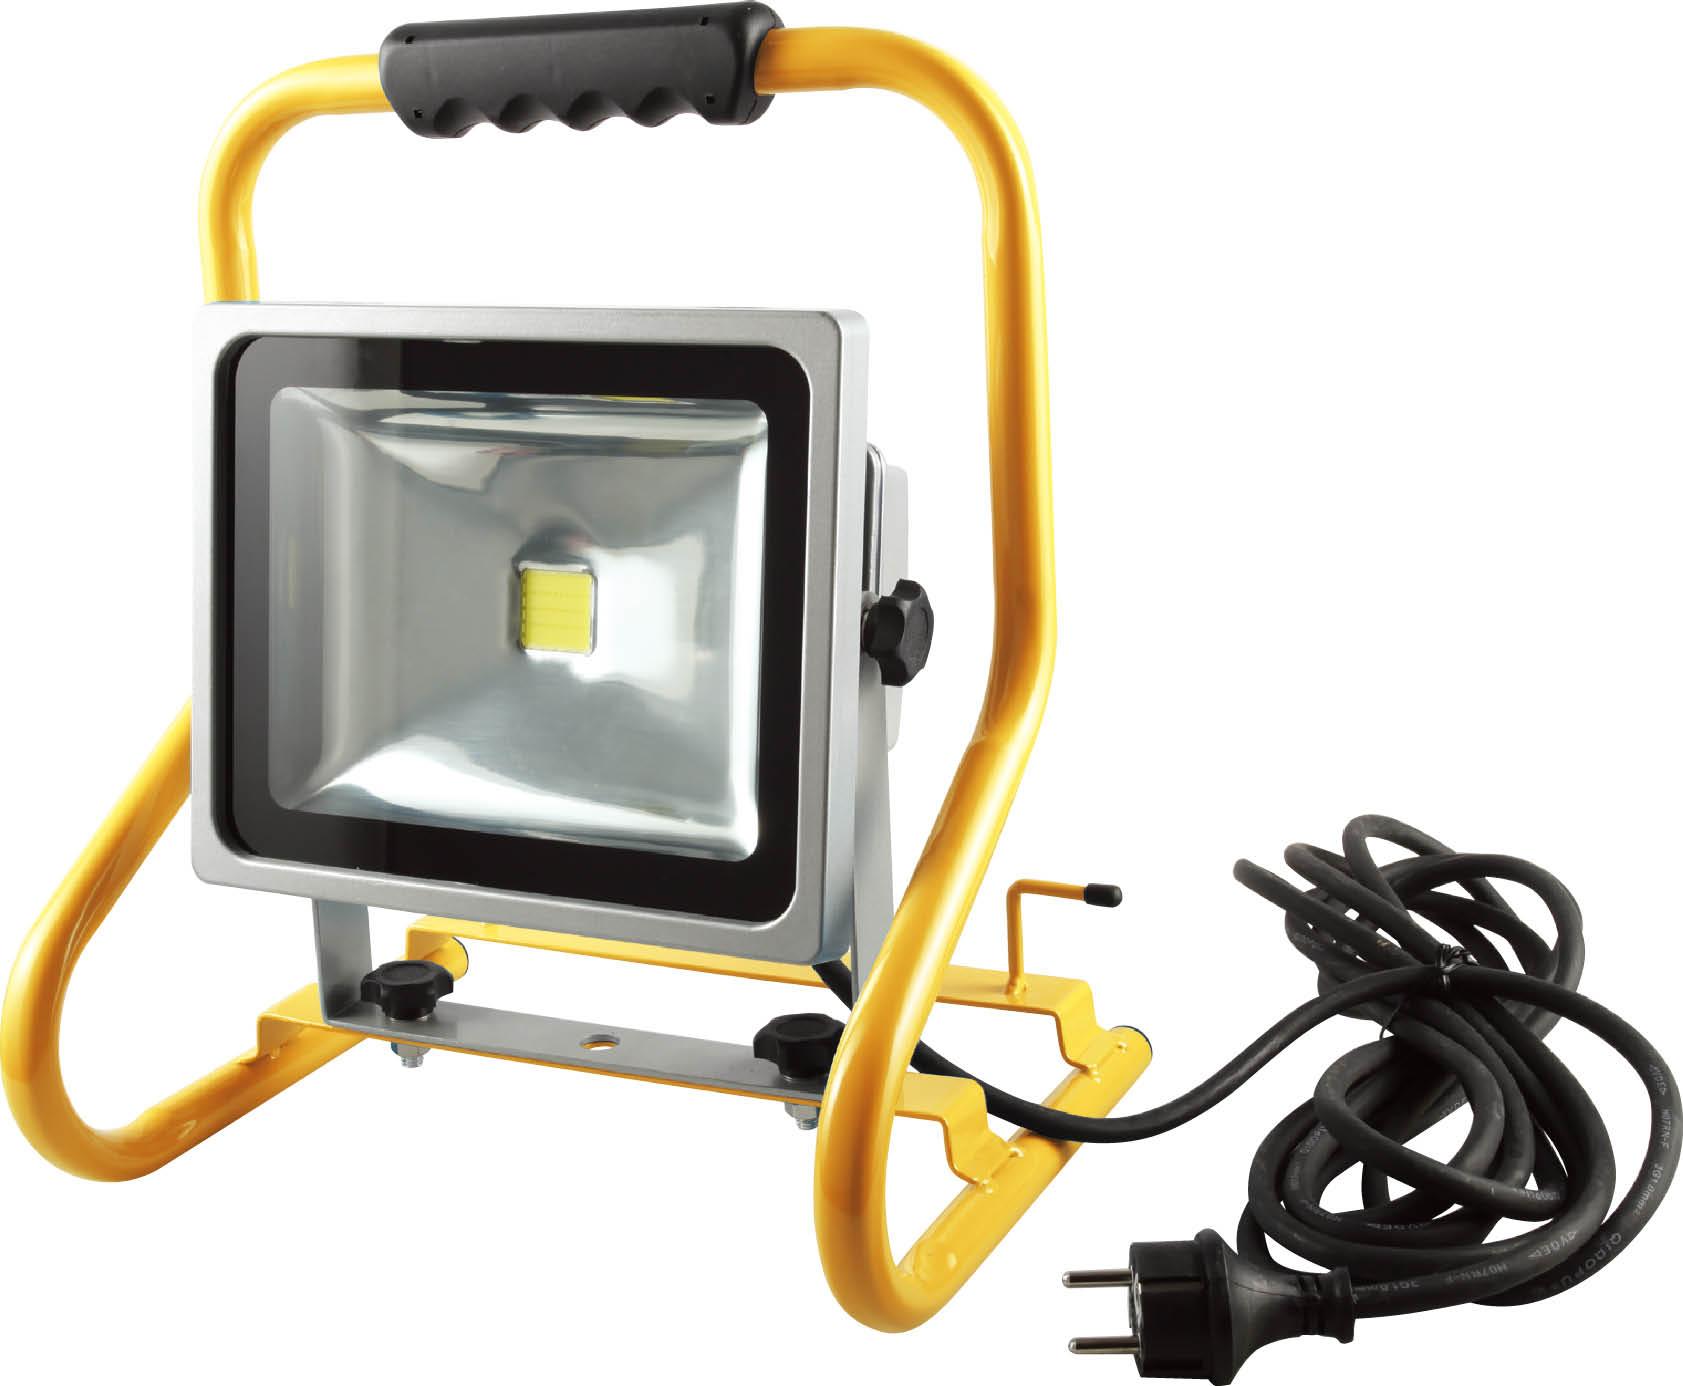 Chantier Lampe Luminaire De Idée Et Maison Eclairage 0wmNn8